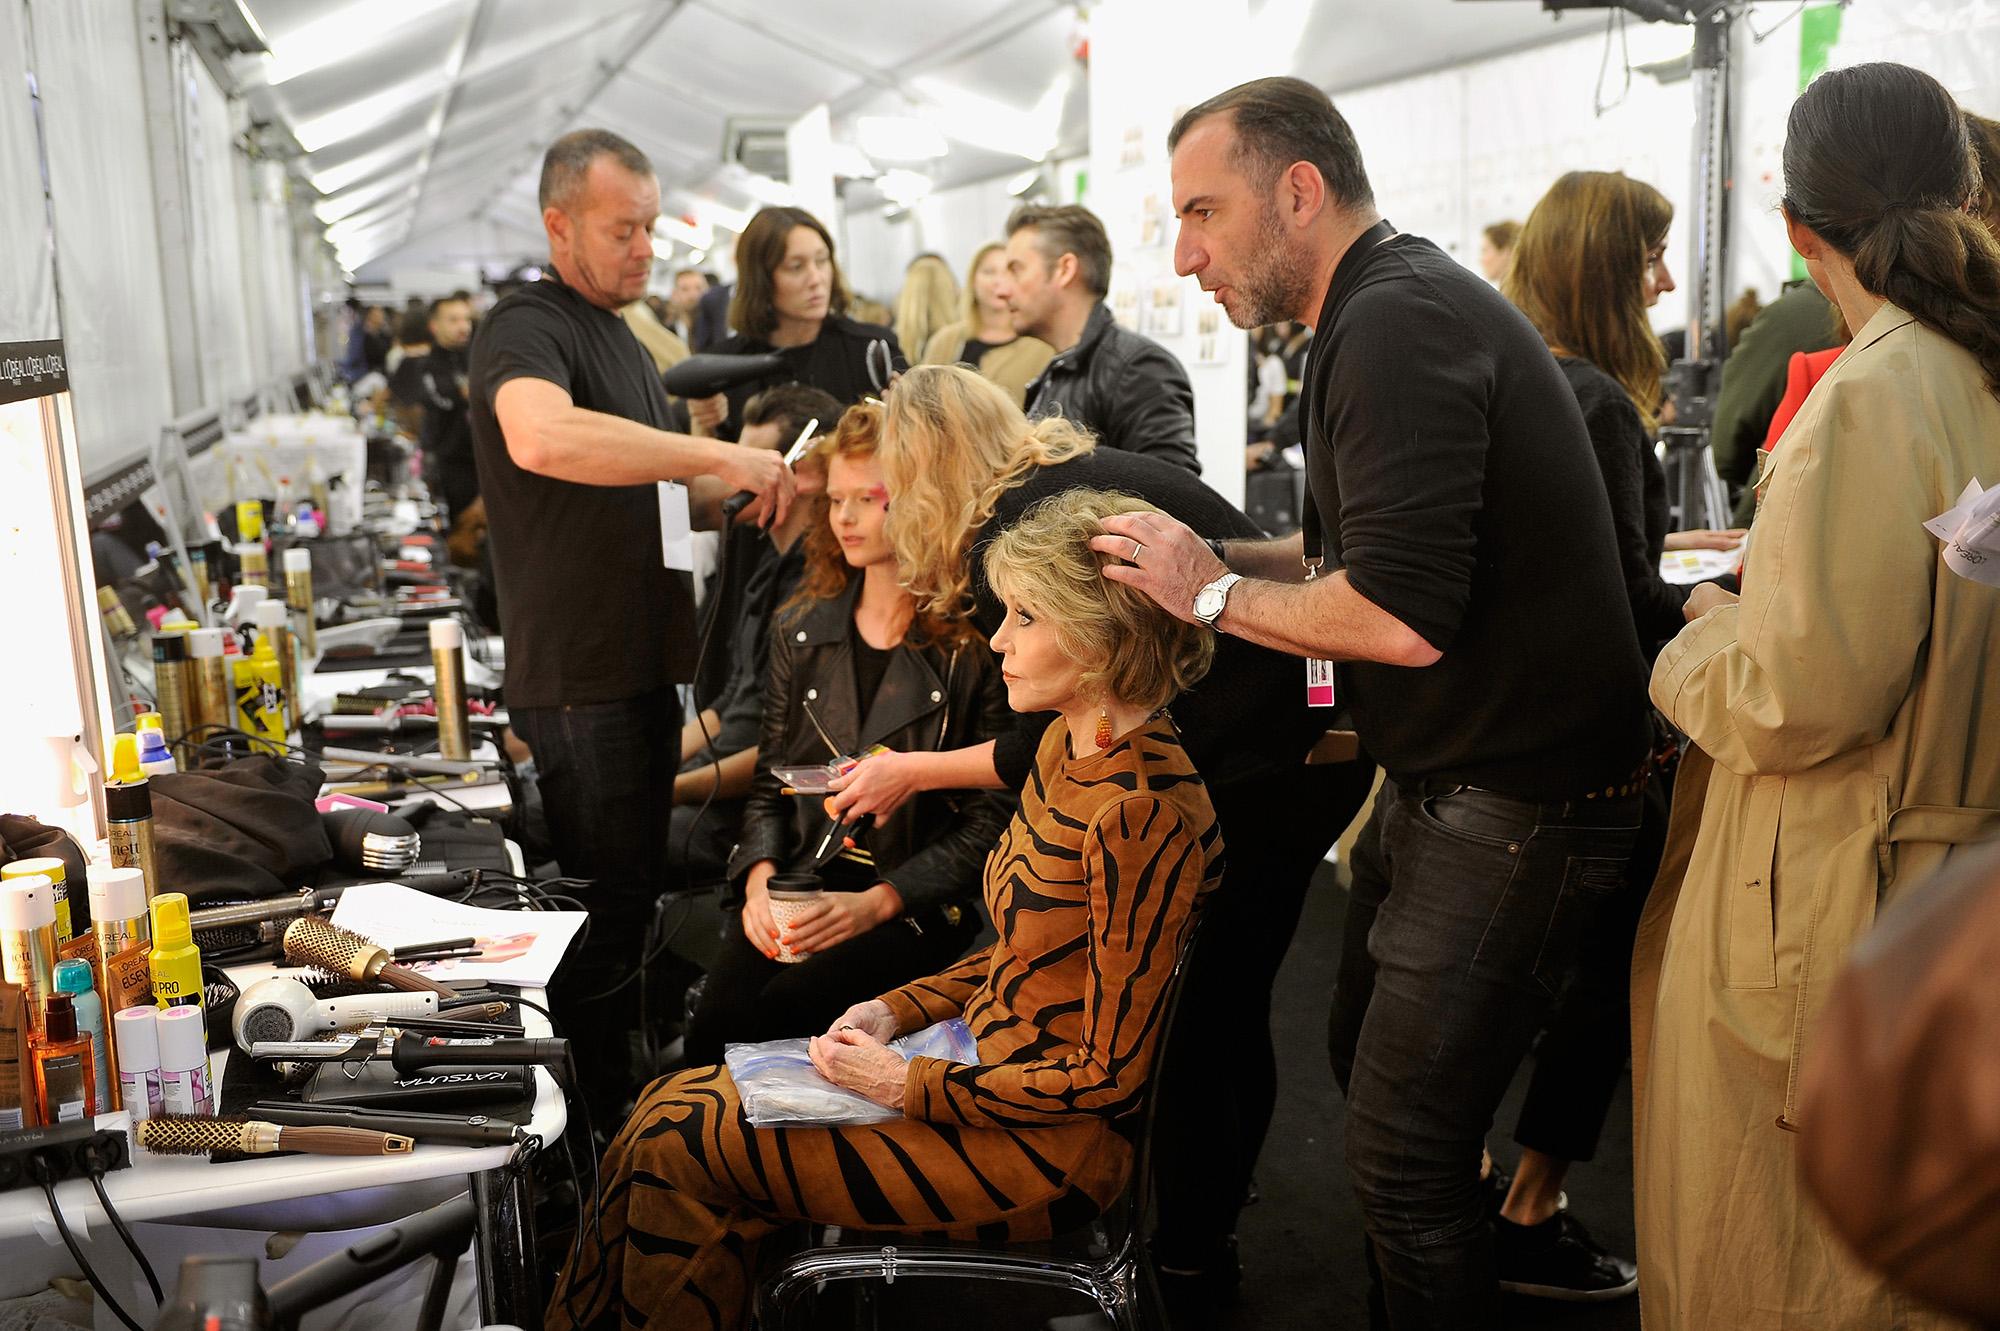 """d1fef53ef3e Le Défilé L'Oréal Paris"""": Relive the brand's first fashion and ..."""